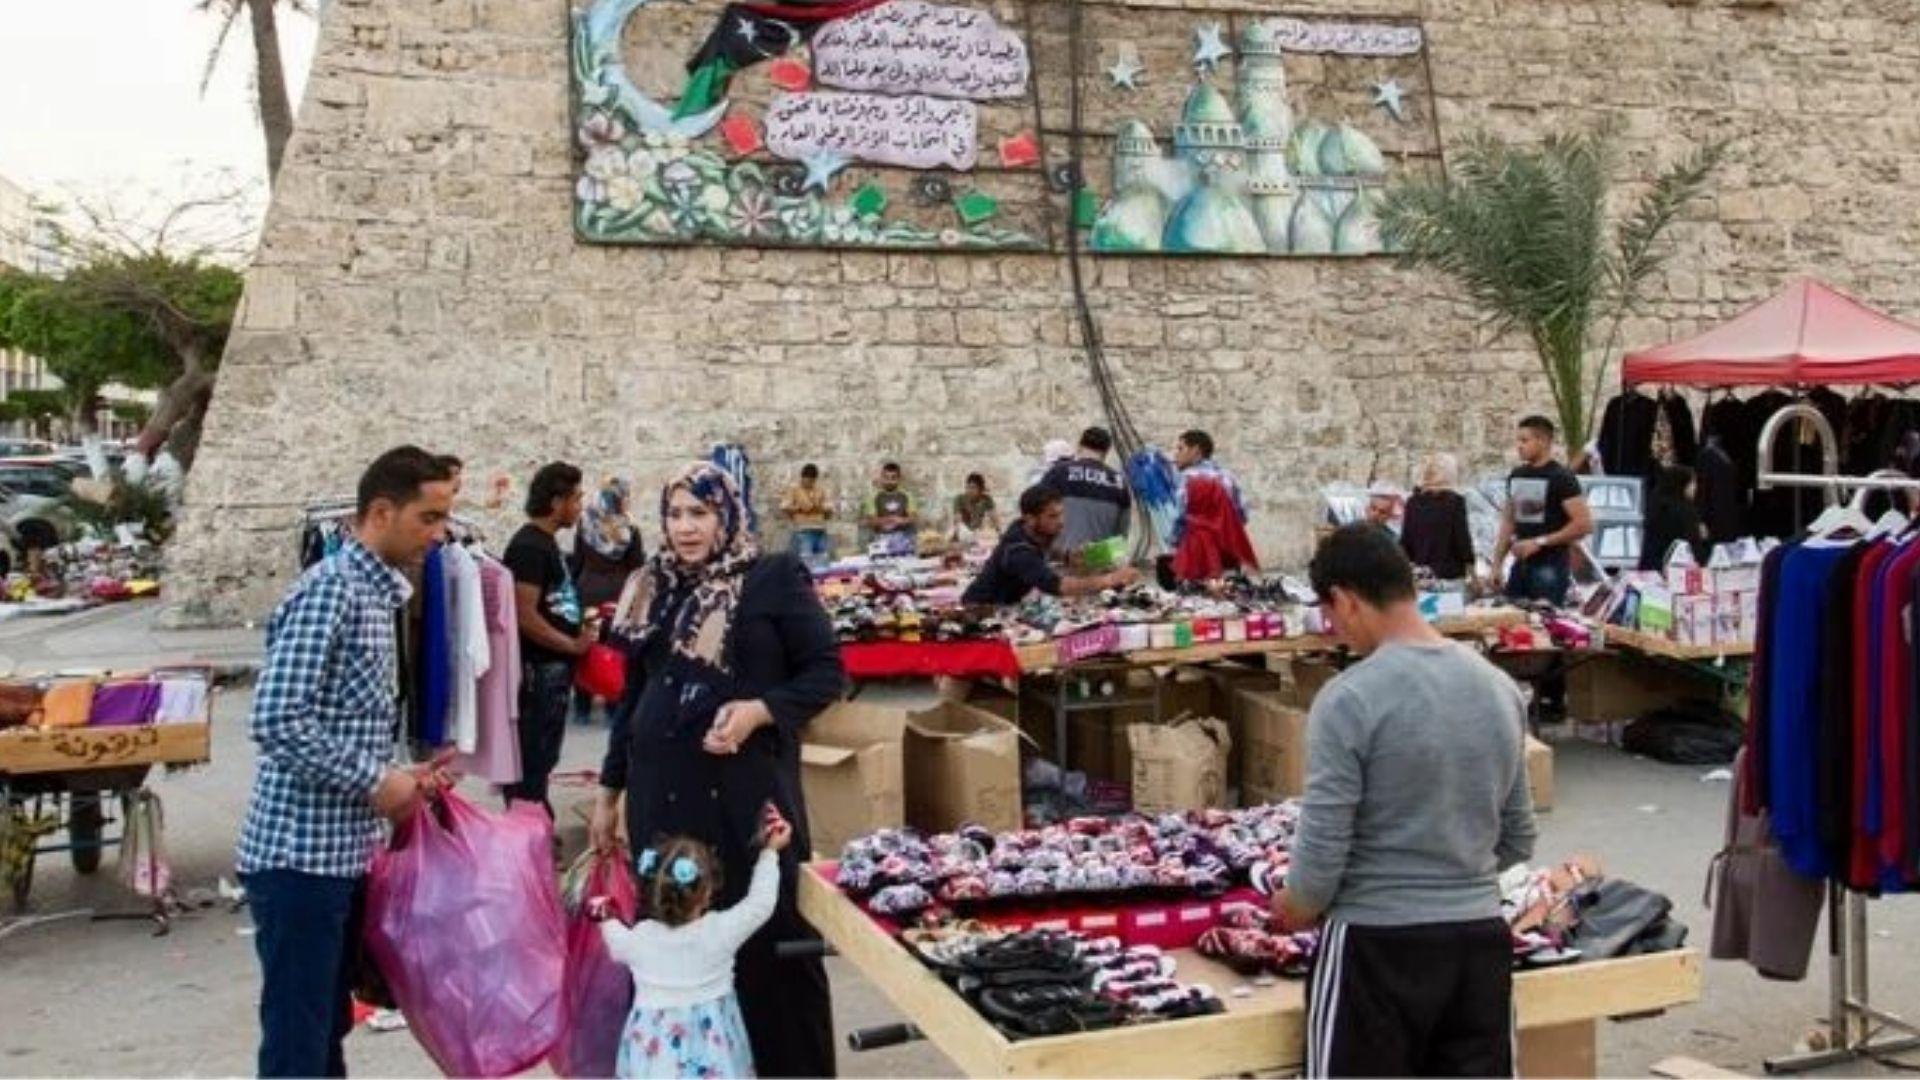 Países que perseguem a Igreja: cresce a violência contra os cristãos na Líbia